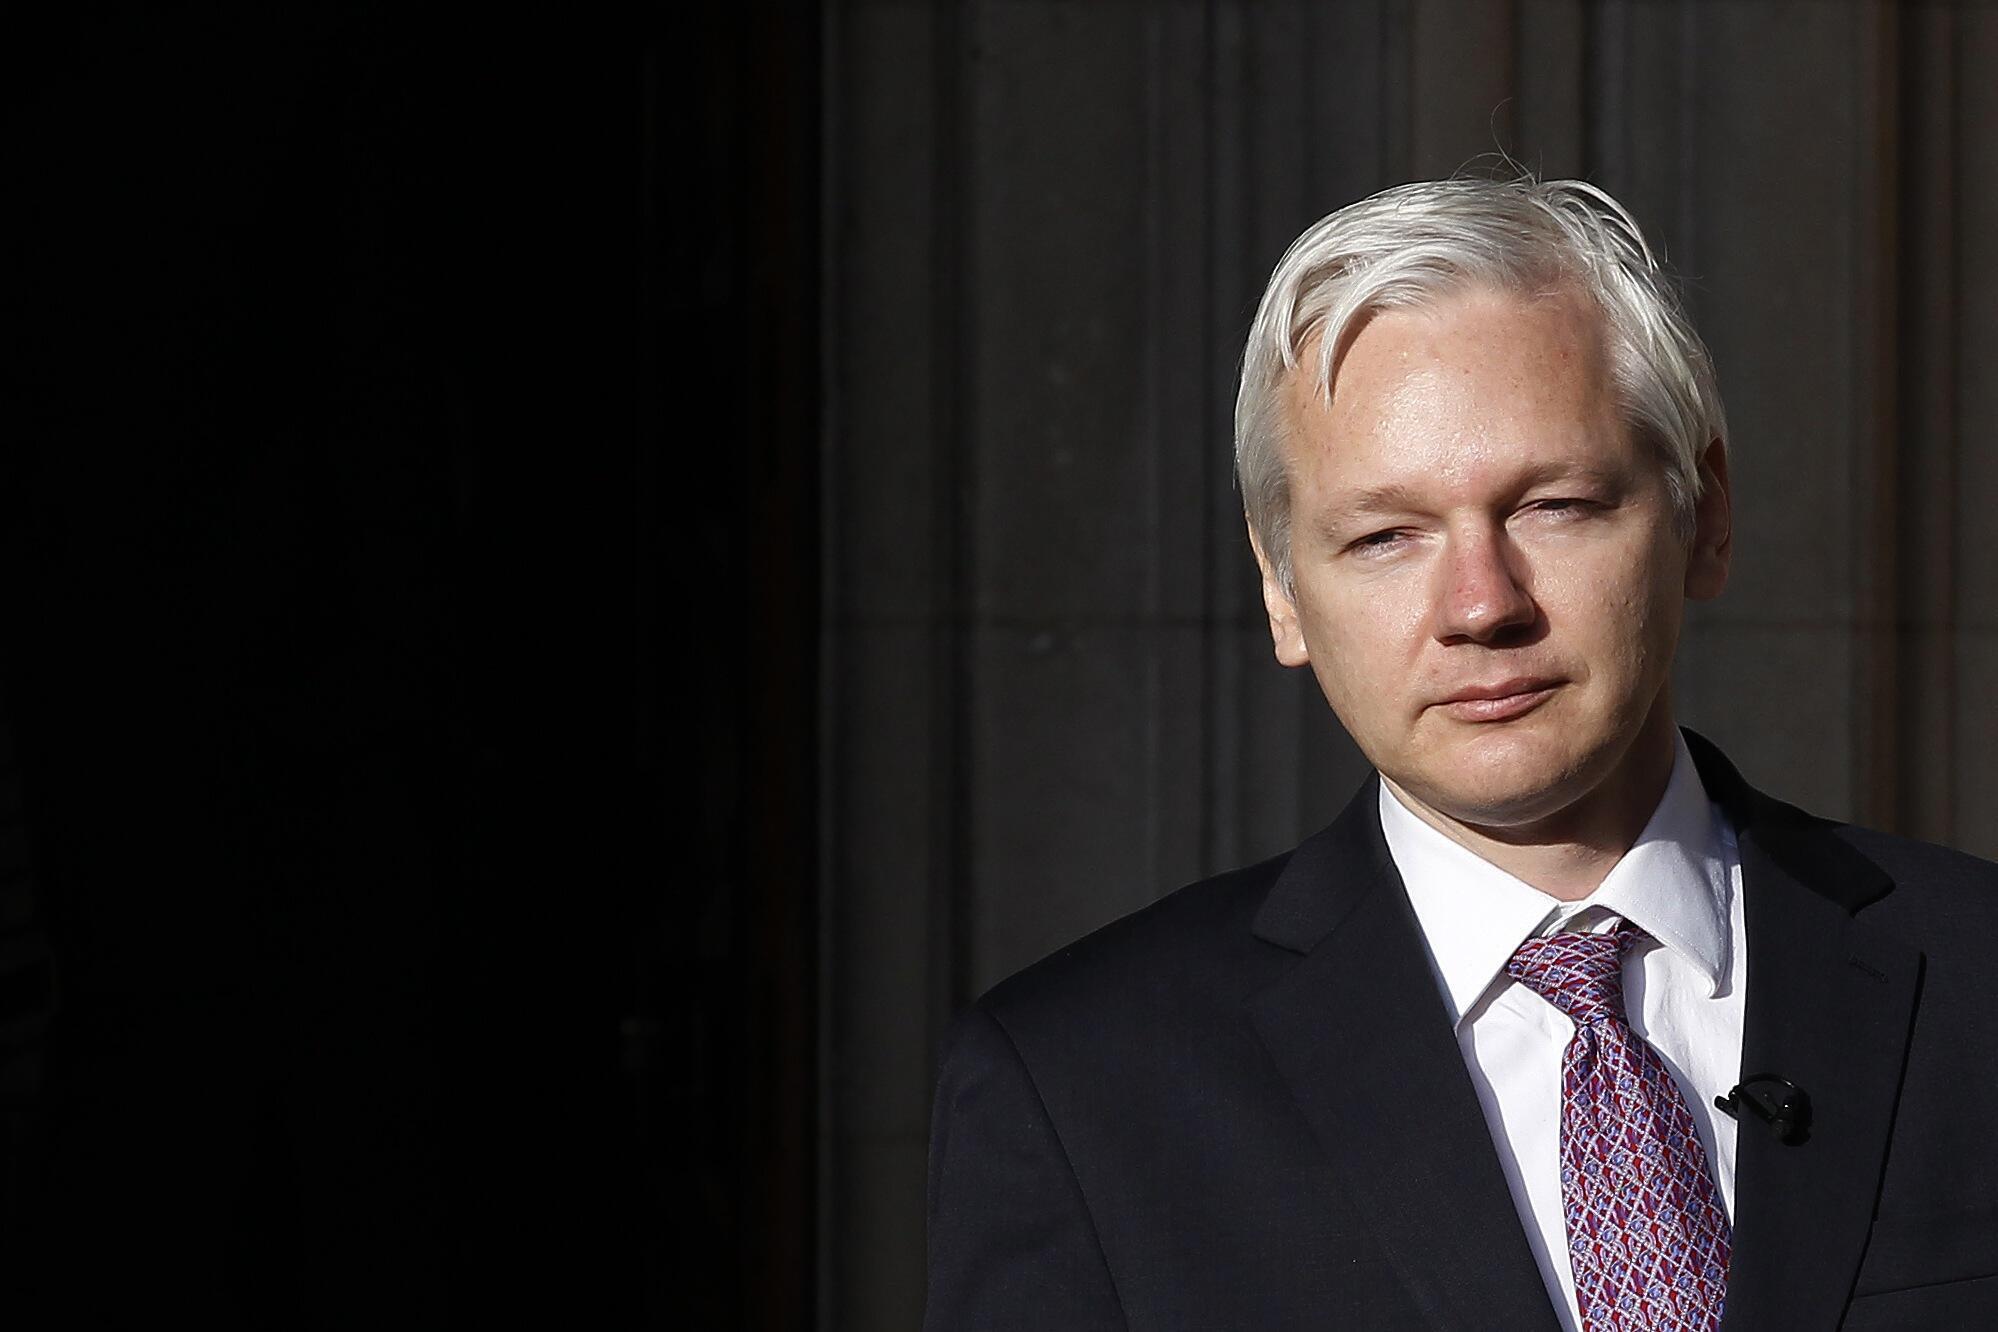 Le fondateur de WikiLeaks, Julian Assange, n'a pas encore fini de livrer bataille contre son extradition.